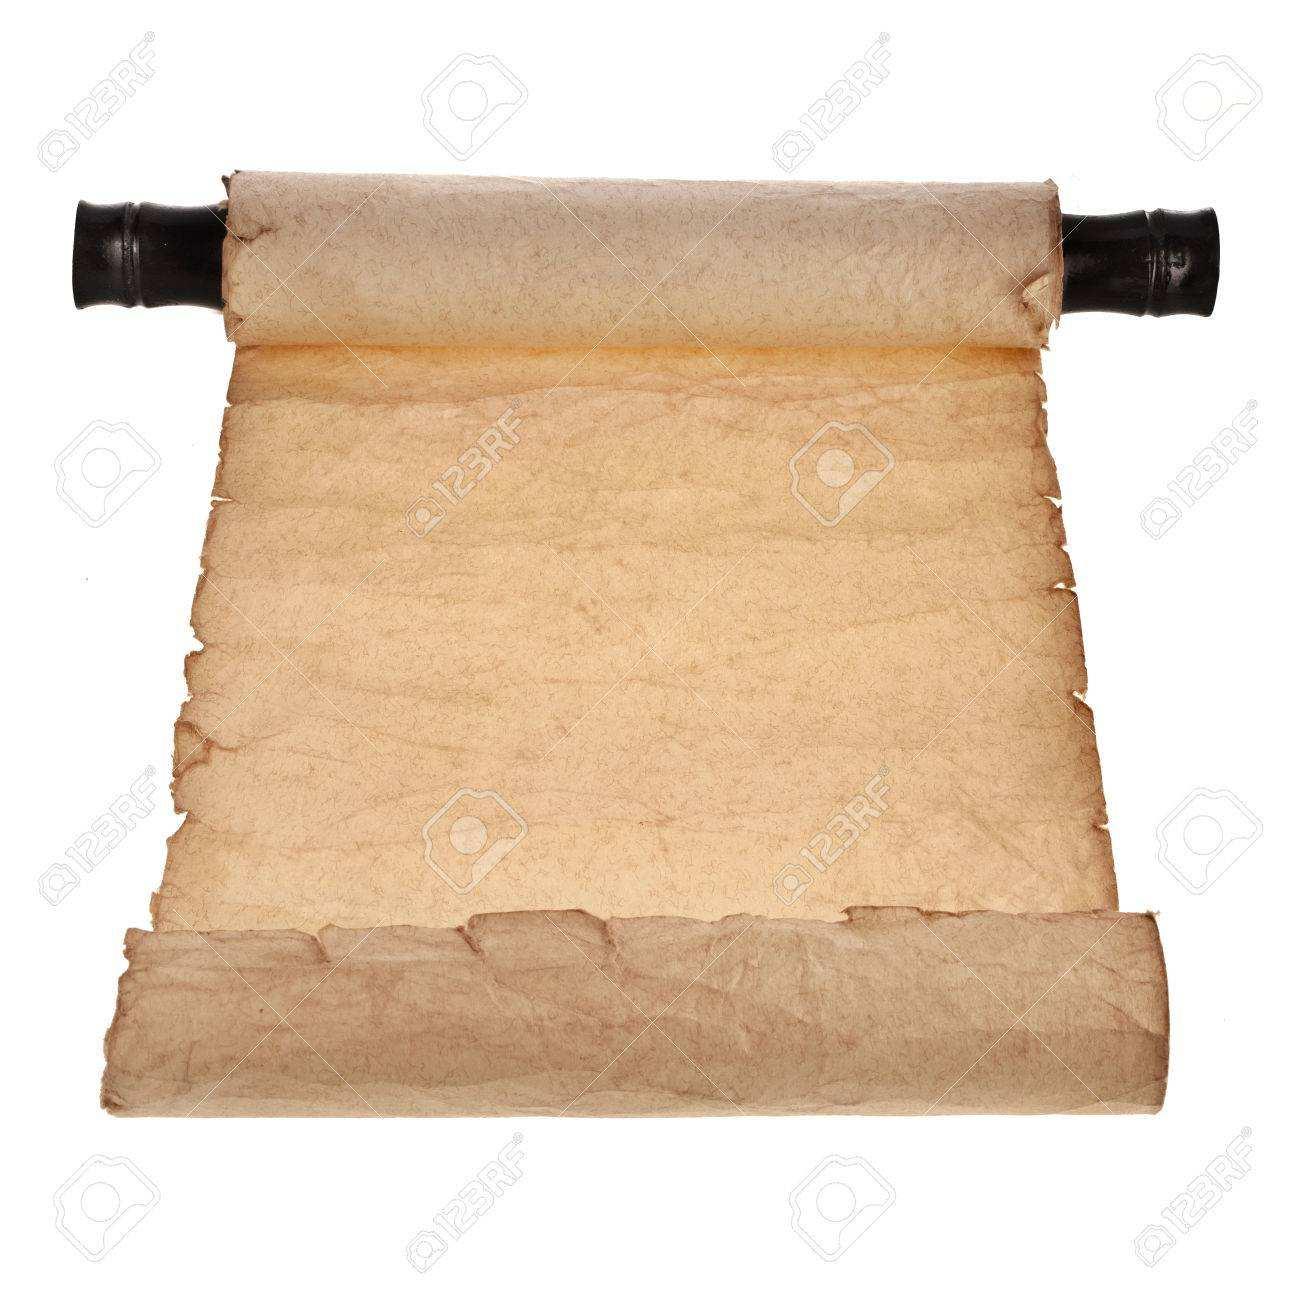 Antike Schriftrolle Leer Isoliert Auf Weissem Hintergrund Lizenzfreie Fotos Bilder Und Stock Fotografie Image 29436178